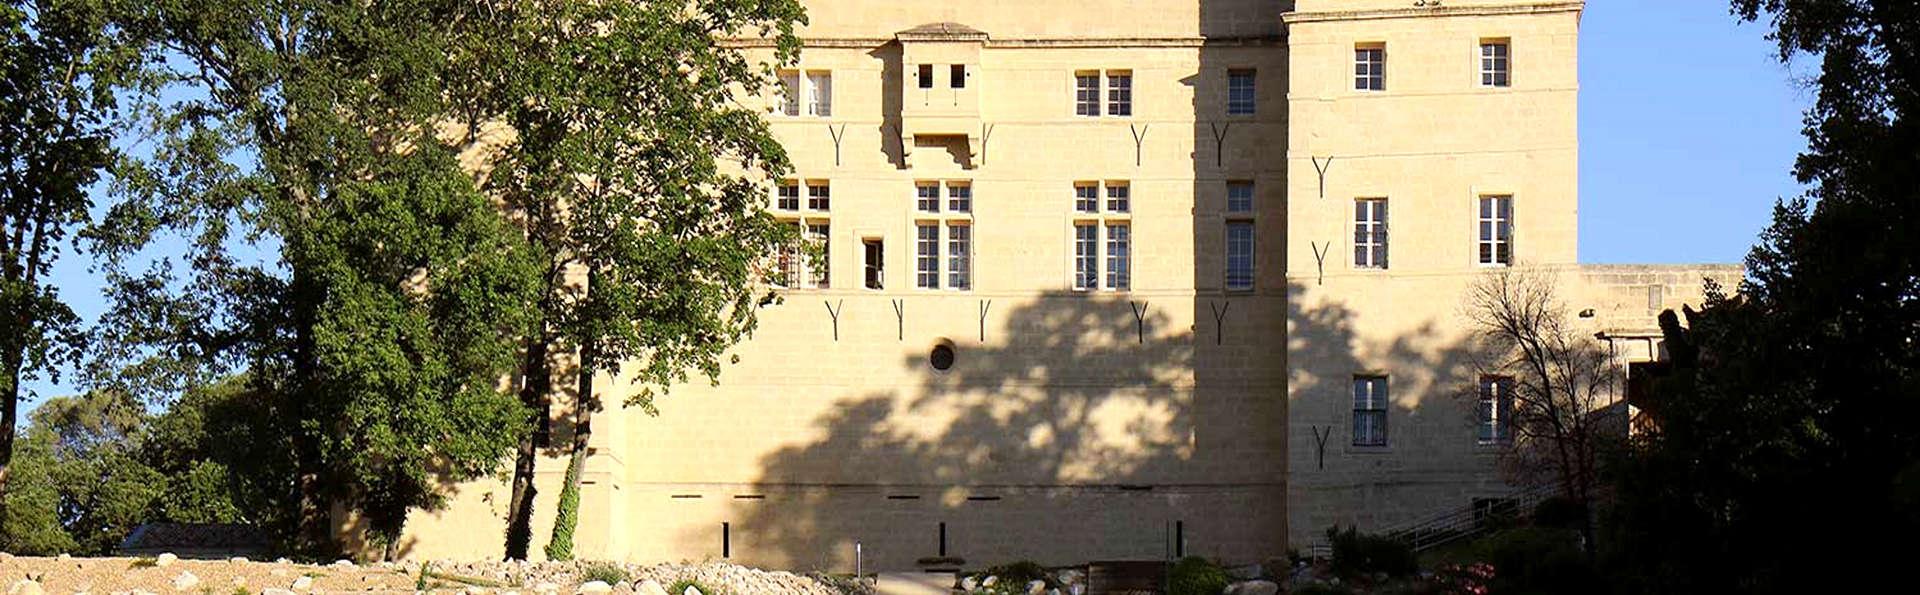 Château de Pondres - Edit_Front2.jpg